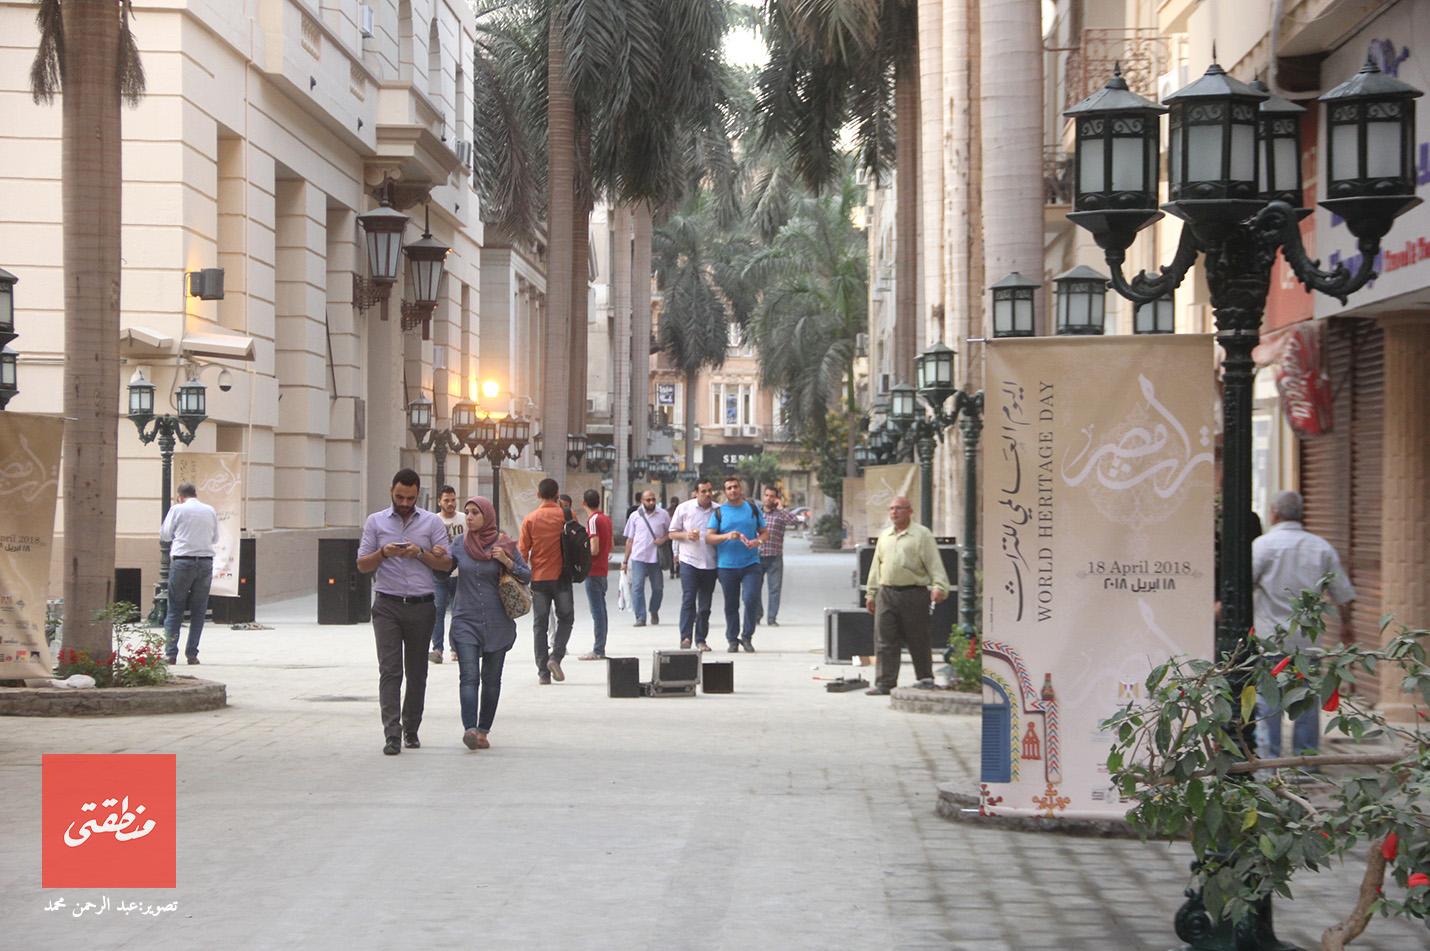 شارع الشريفين قبيل افتتاحه - تصوير عبد الرحمن محمد